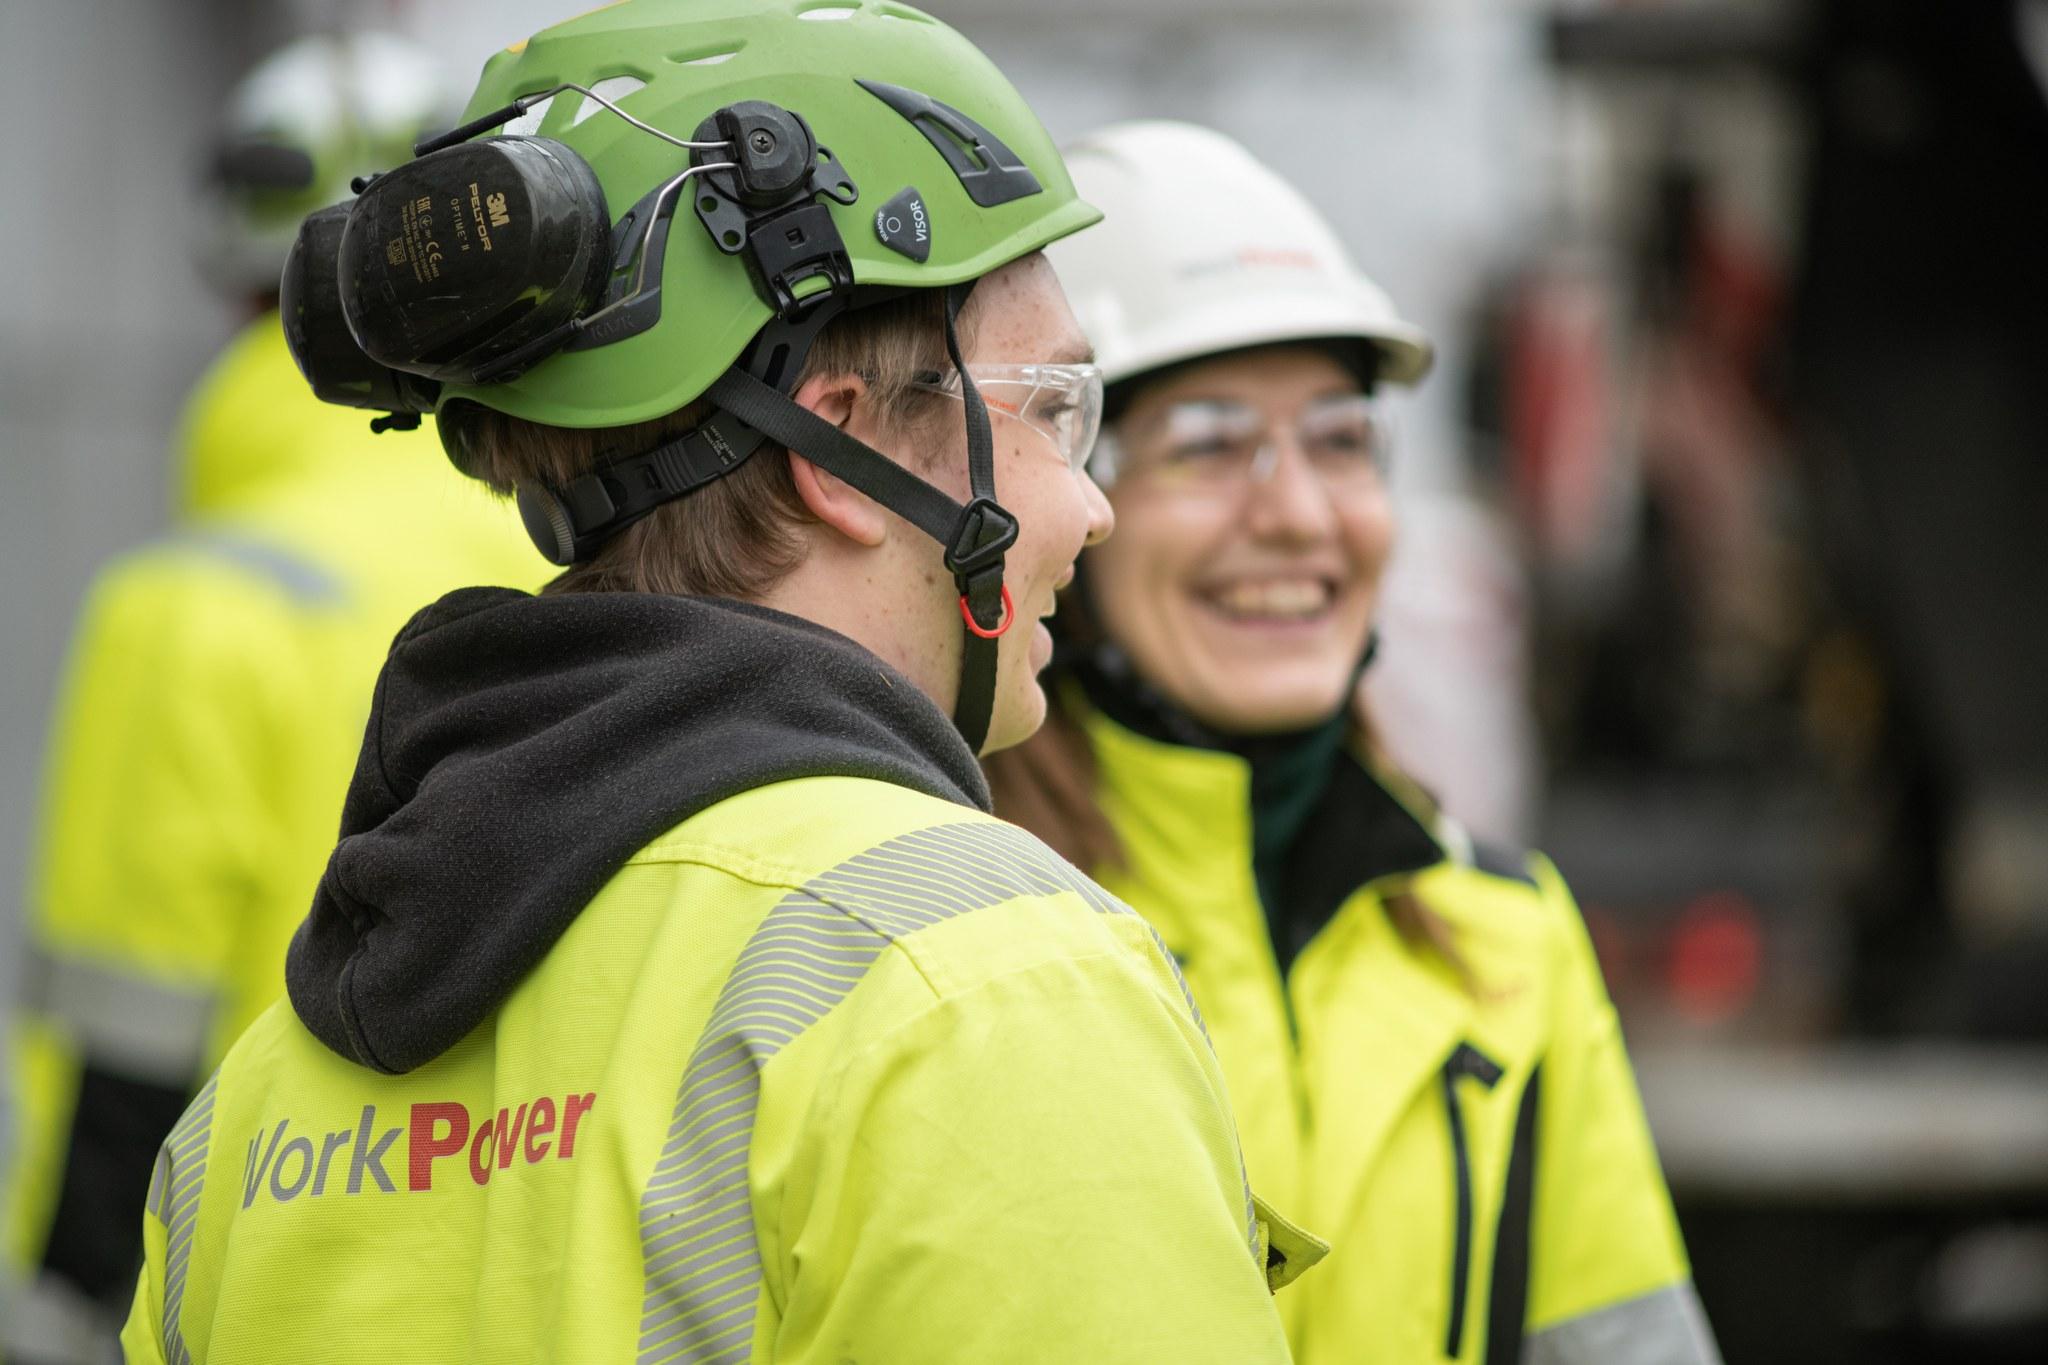 Eva työmaalla rakennustyöläisten kanssa